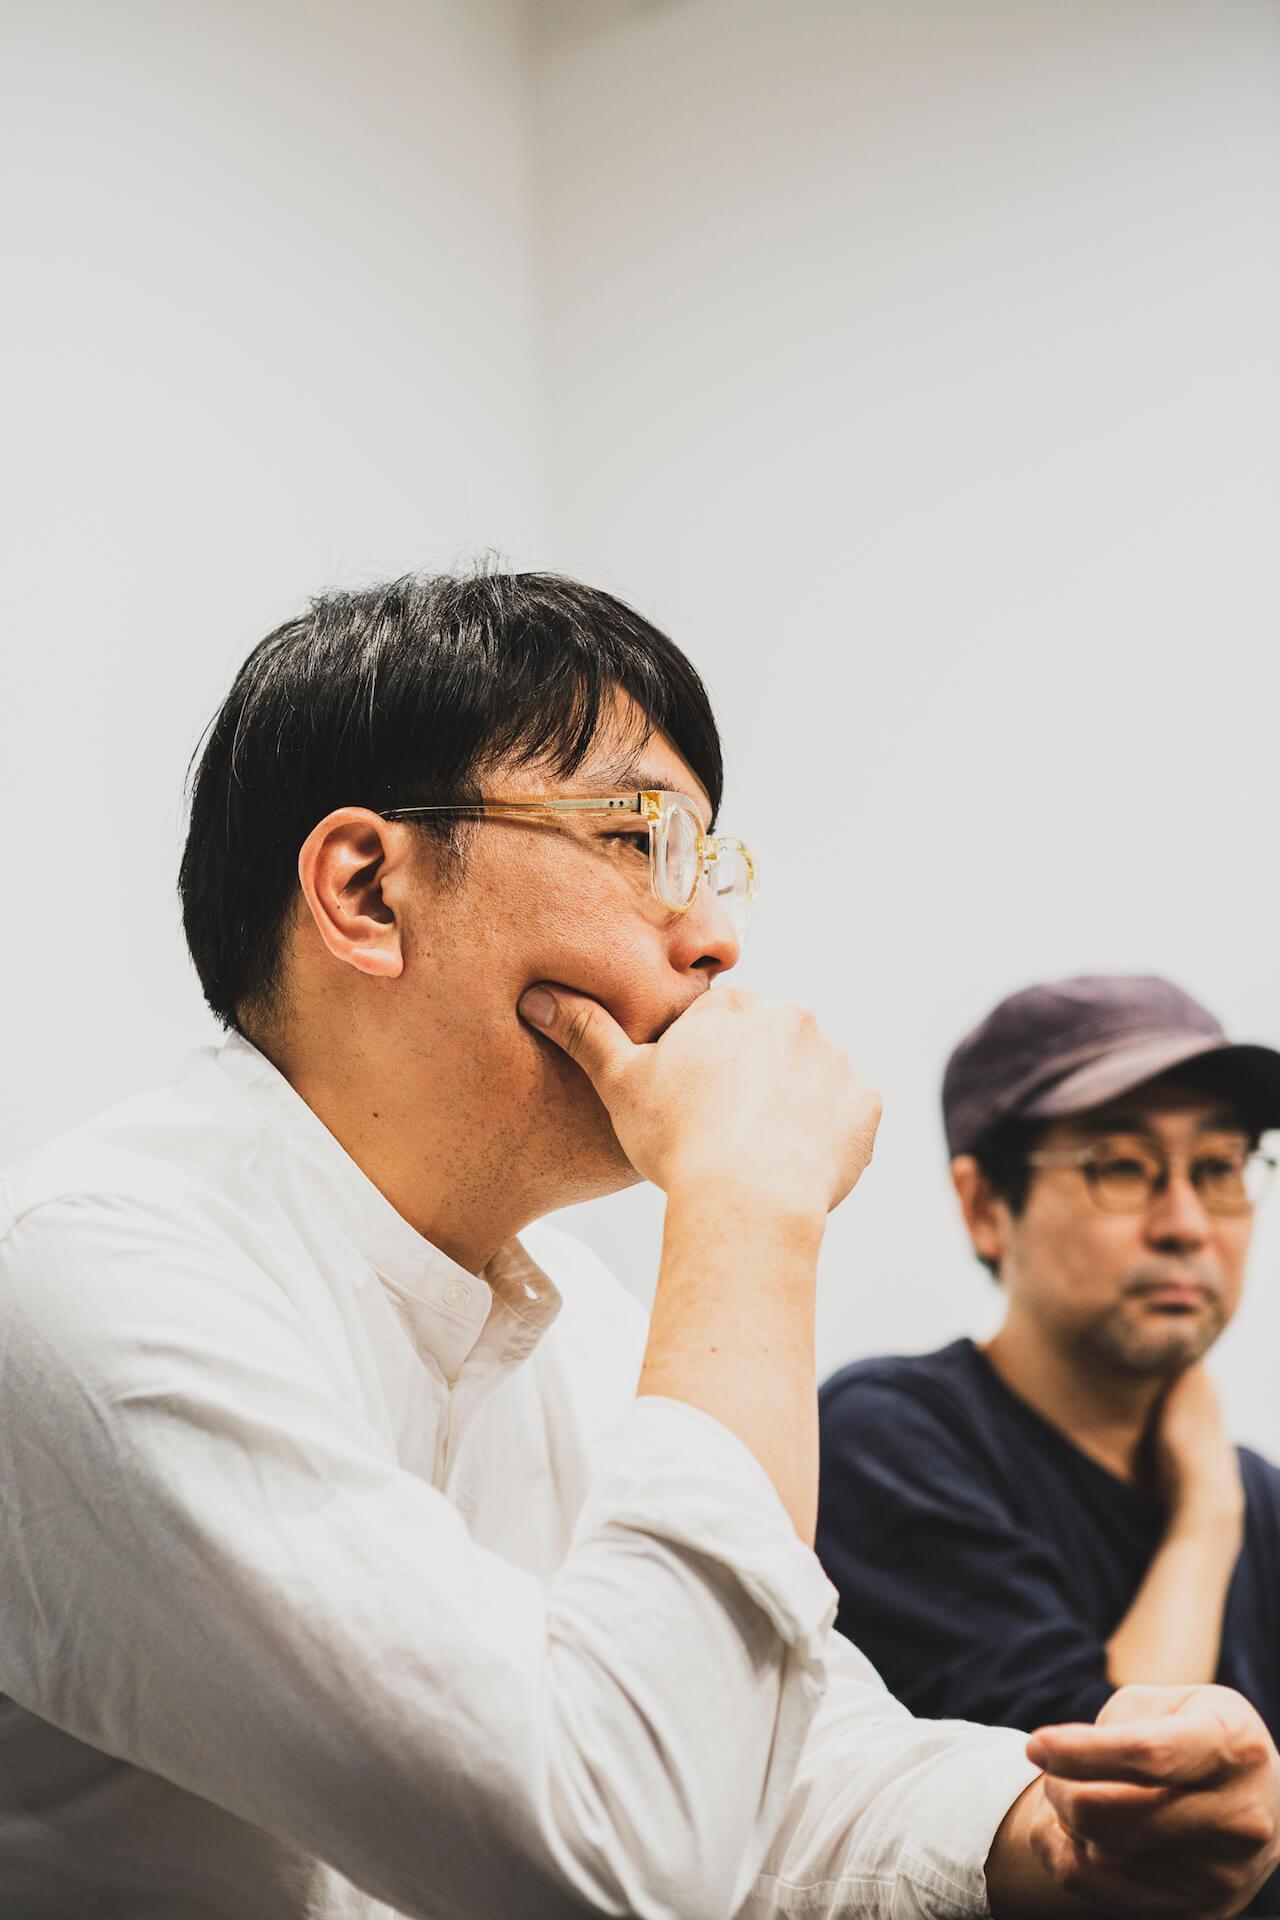 KIRINJI堀込と千ヶ崎が探る、現代に響く音とは? interview-kirinji-5